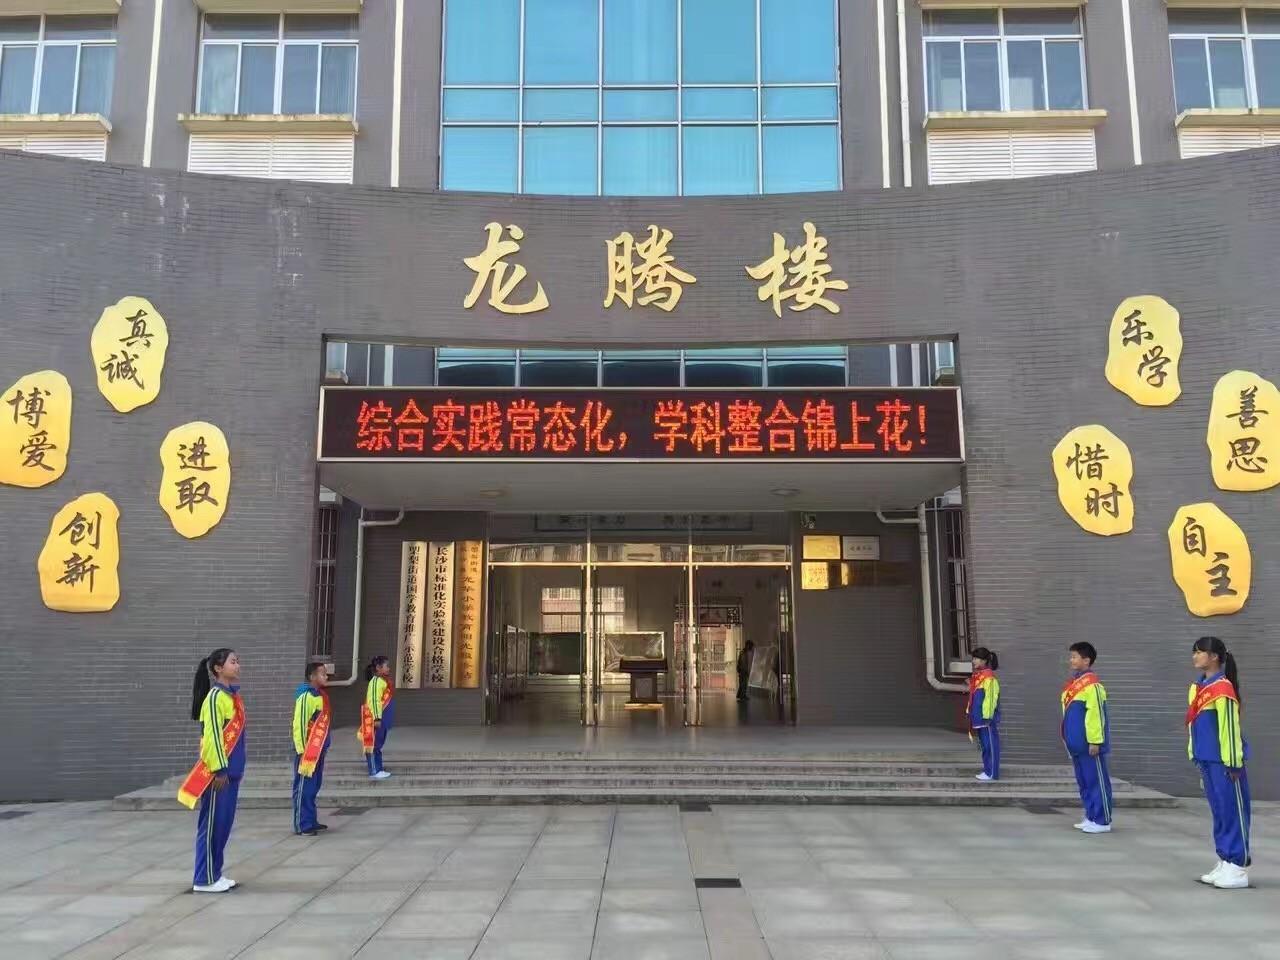 长沙市长沙县龙华小学